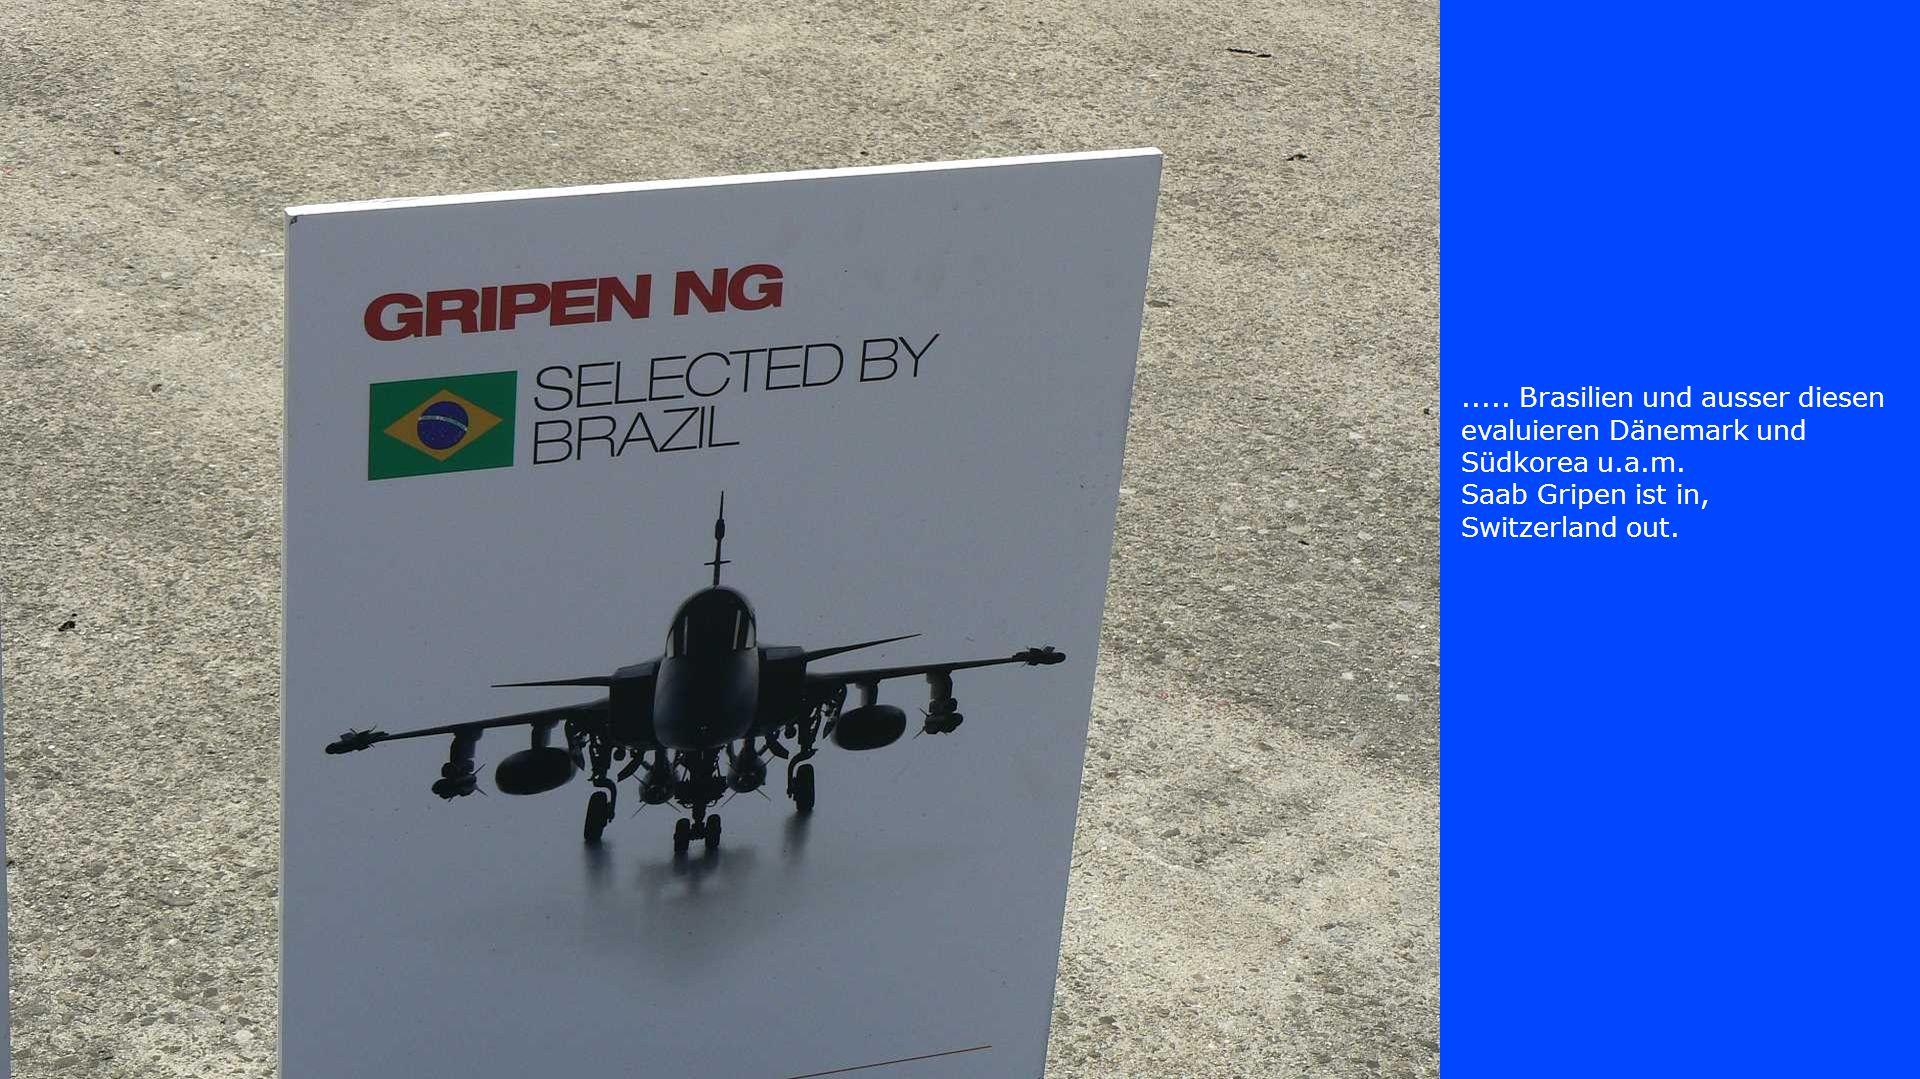 ..... Brasilien und ausser diesen evaluieren Dänemark und Südkorea u.a.m. Saab Gripen ist in, Switzerland out.